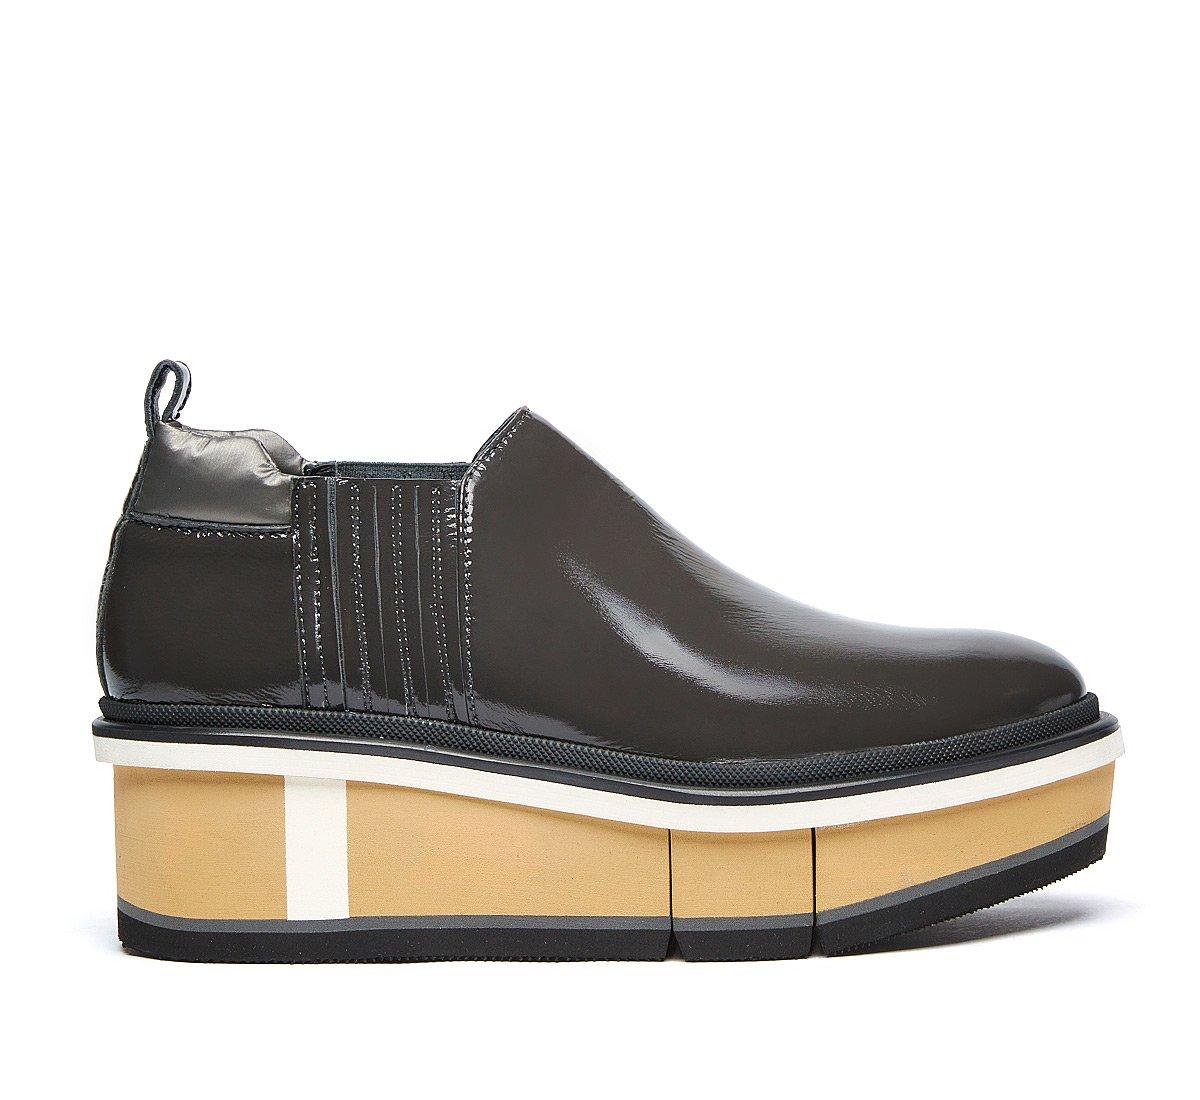 Классические ботинки Fabi MICRO из мягкой телячьей кожи